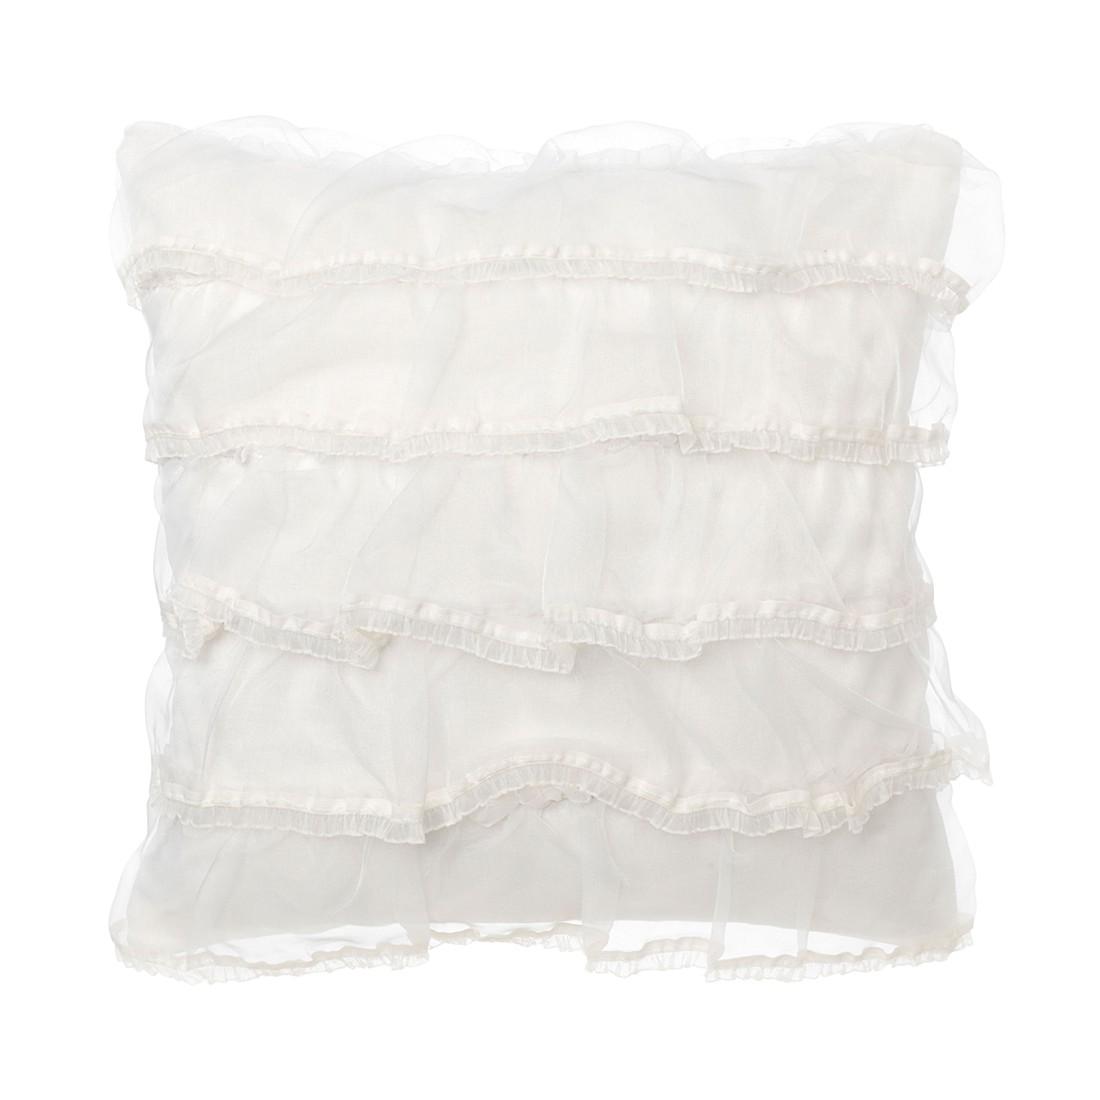 Kissen Brionne – 45 X 45 cm, Elfenbein, Polyester / Baumwolle – Kissenhülle, ohne Füllung, Dutch Decor online bestellen